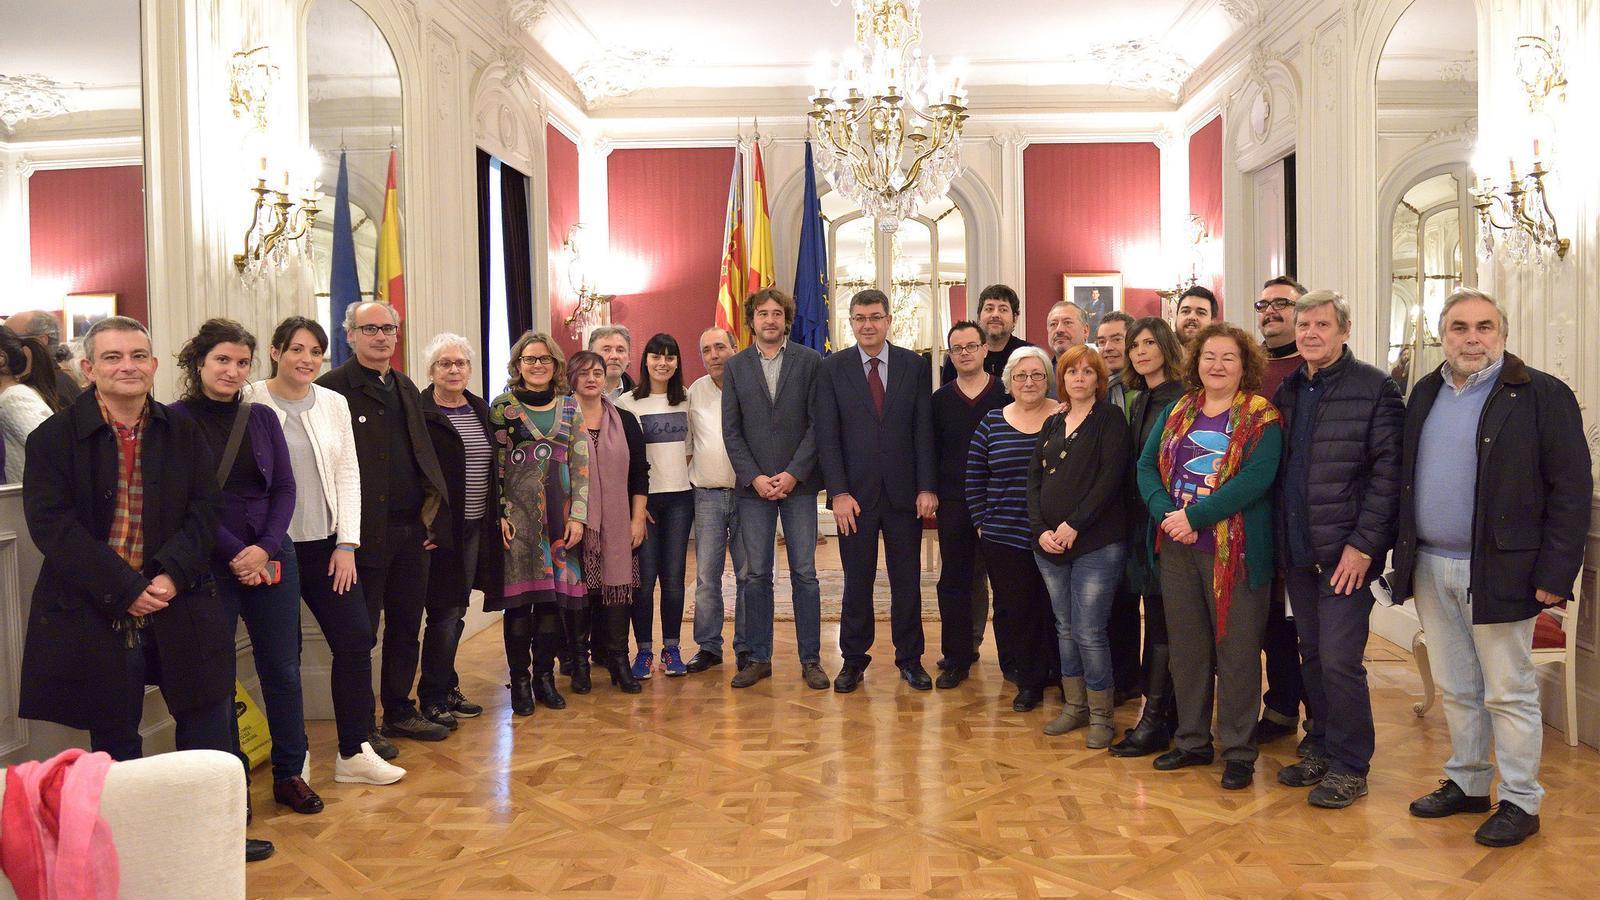 El president de les Corts Valencianes, Enric Morera, i el director general de Política Lingüística, Rubén Trenzano, han rebut la Plataforma pels drets lingüístics del País Valencià.